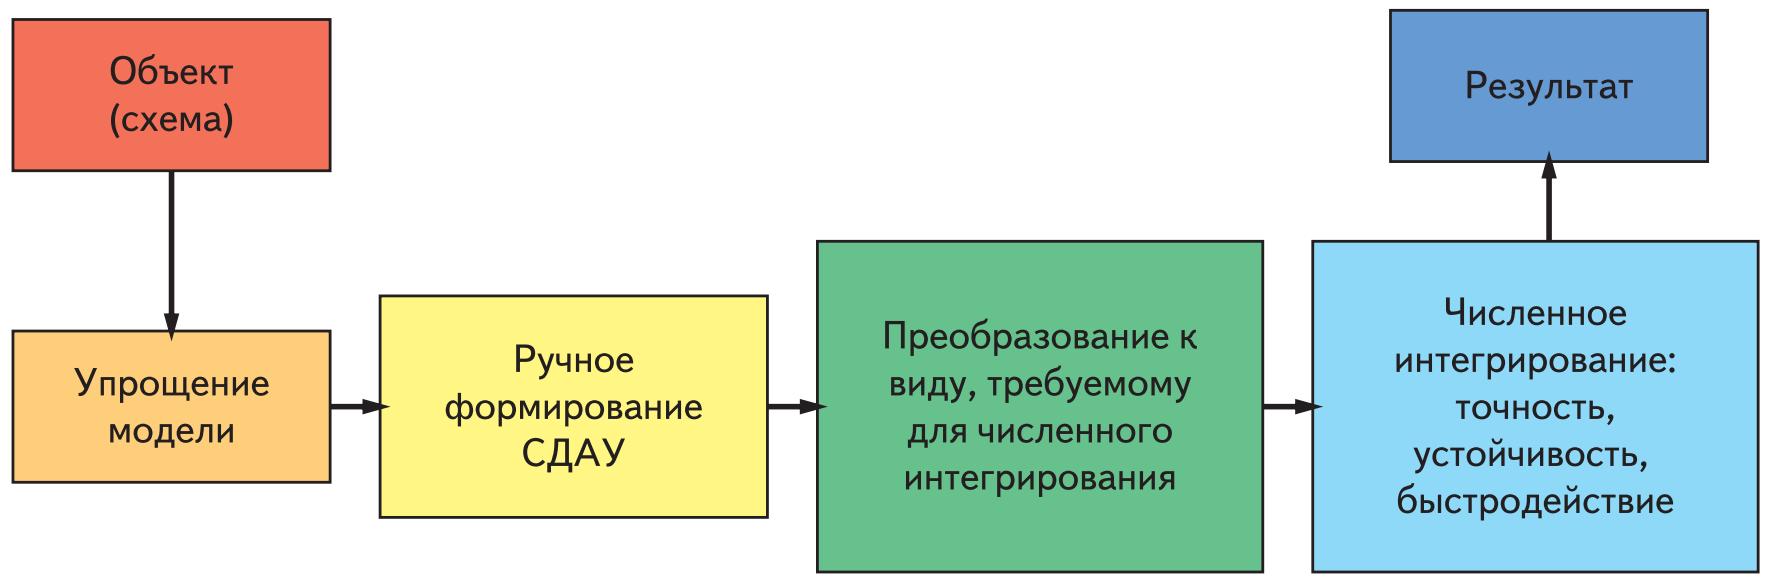 Полуавтоматический подход к моделированию схем силовой электроники